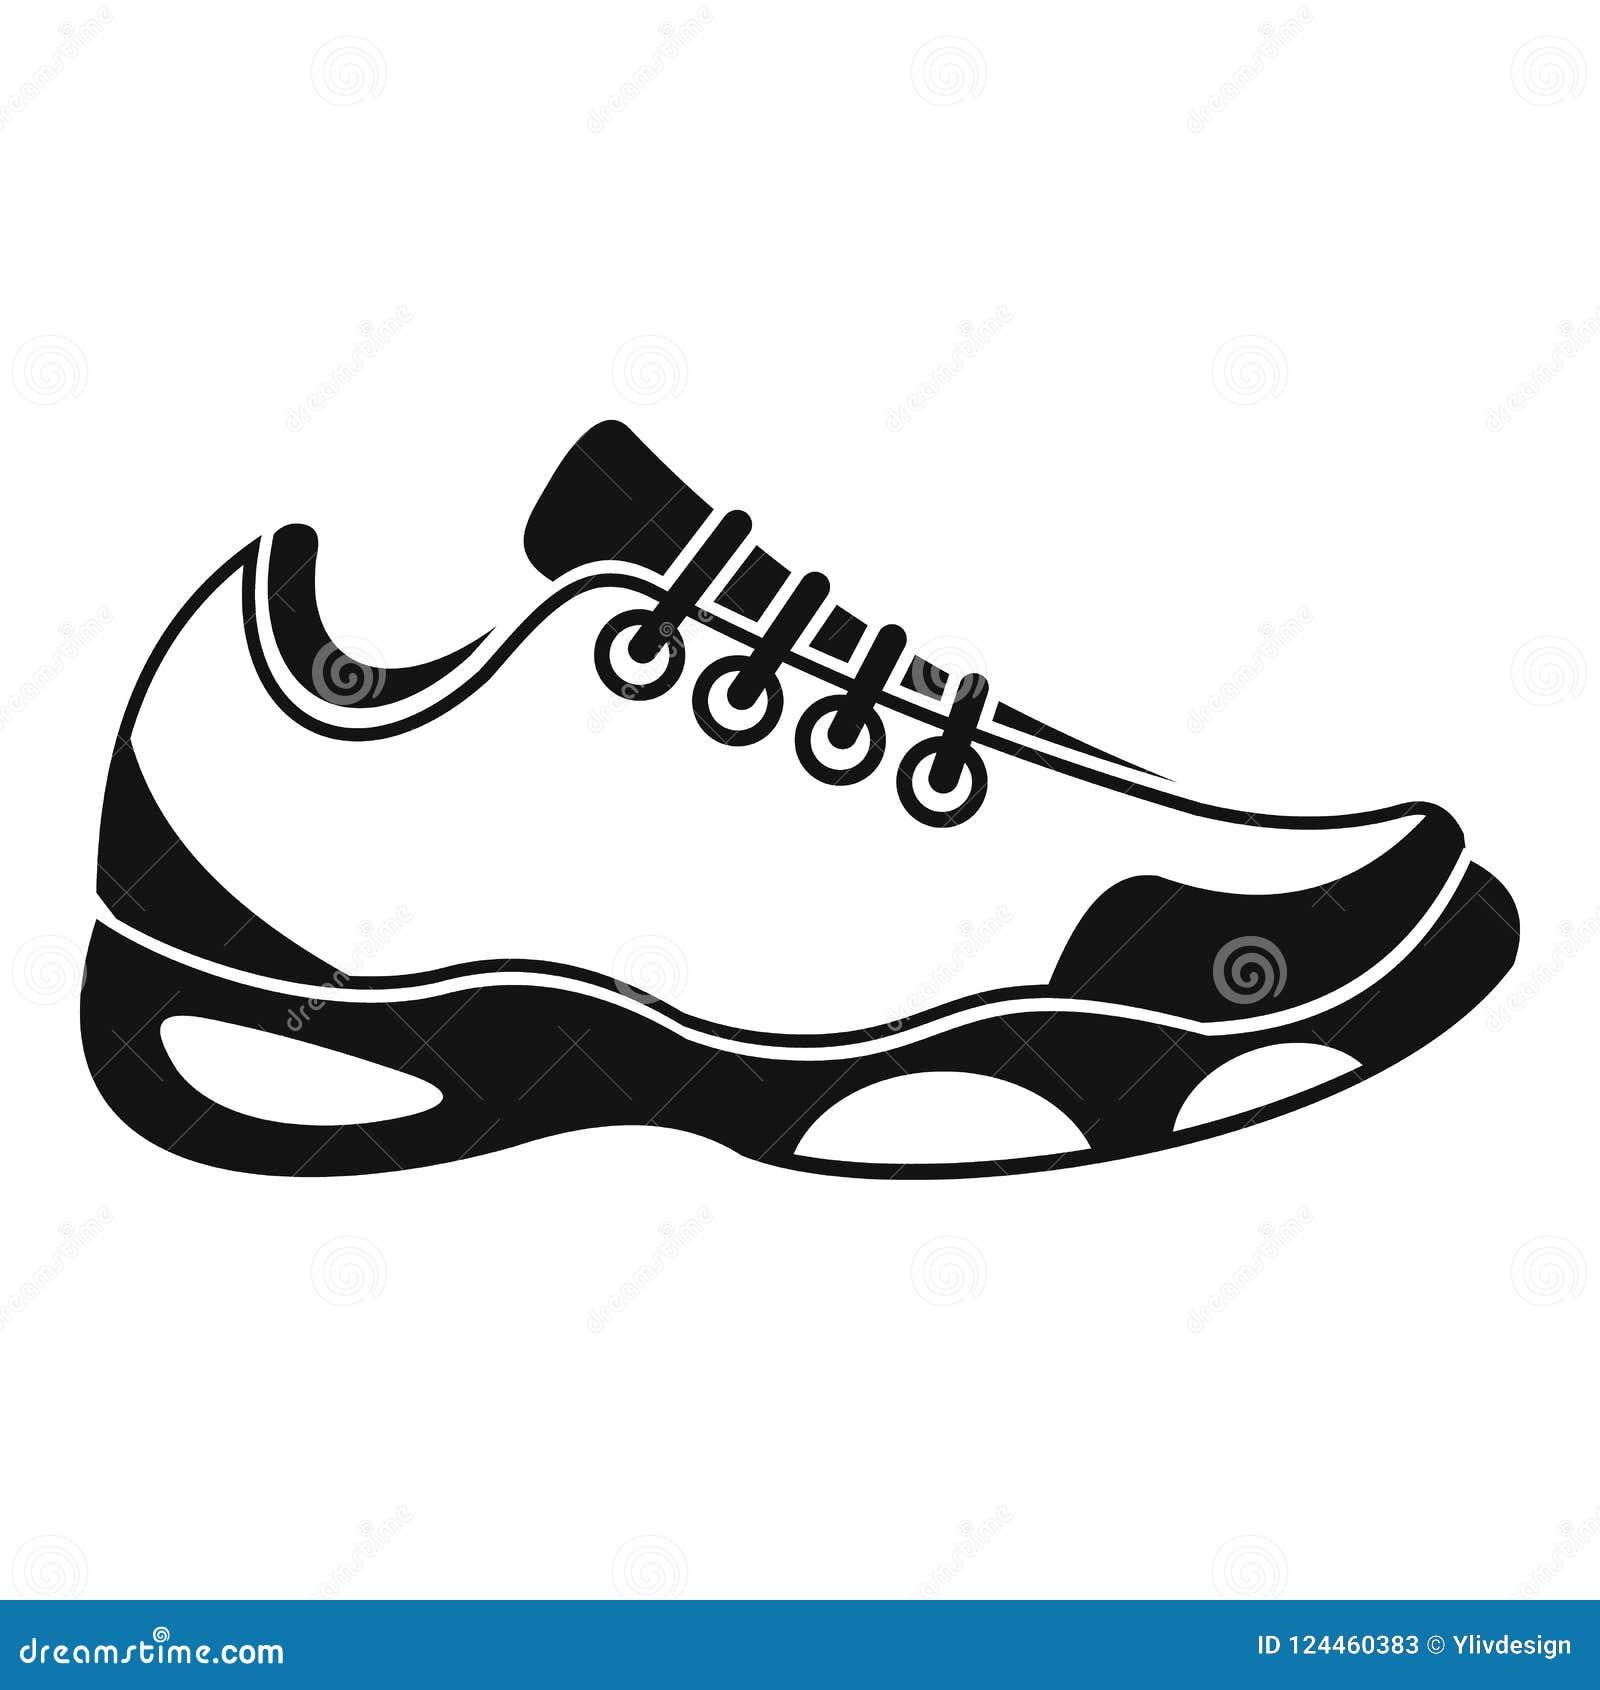 TennisikoneEinfache Chaussures Tennis Für de Stock Abbildung Art mO80vwNn